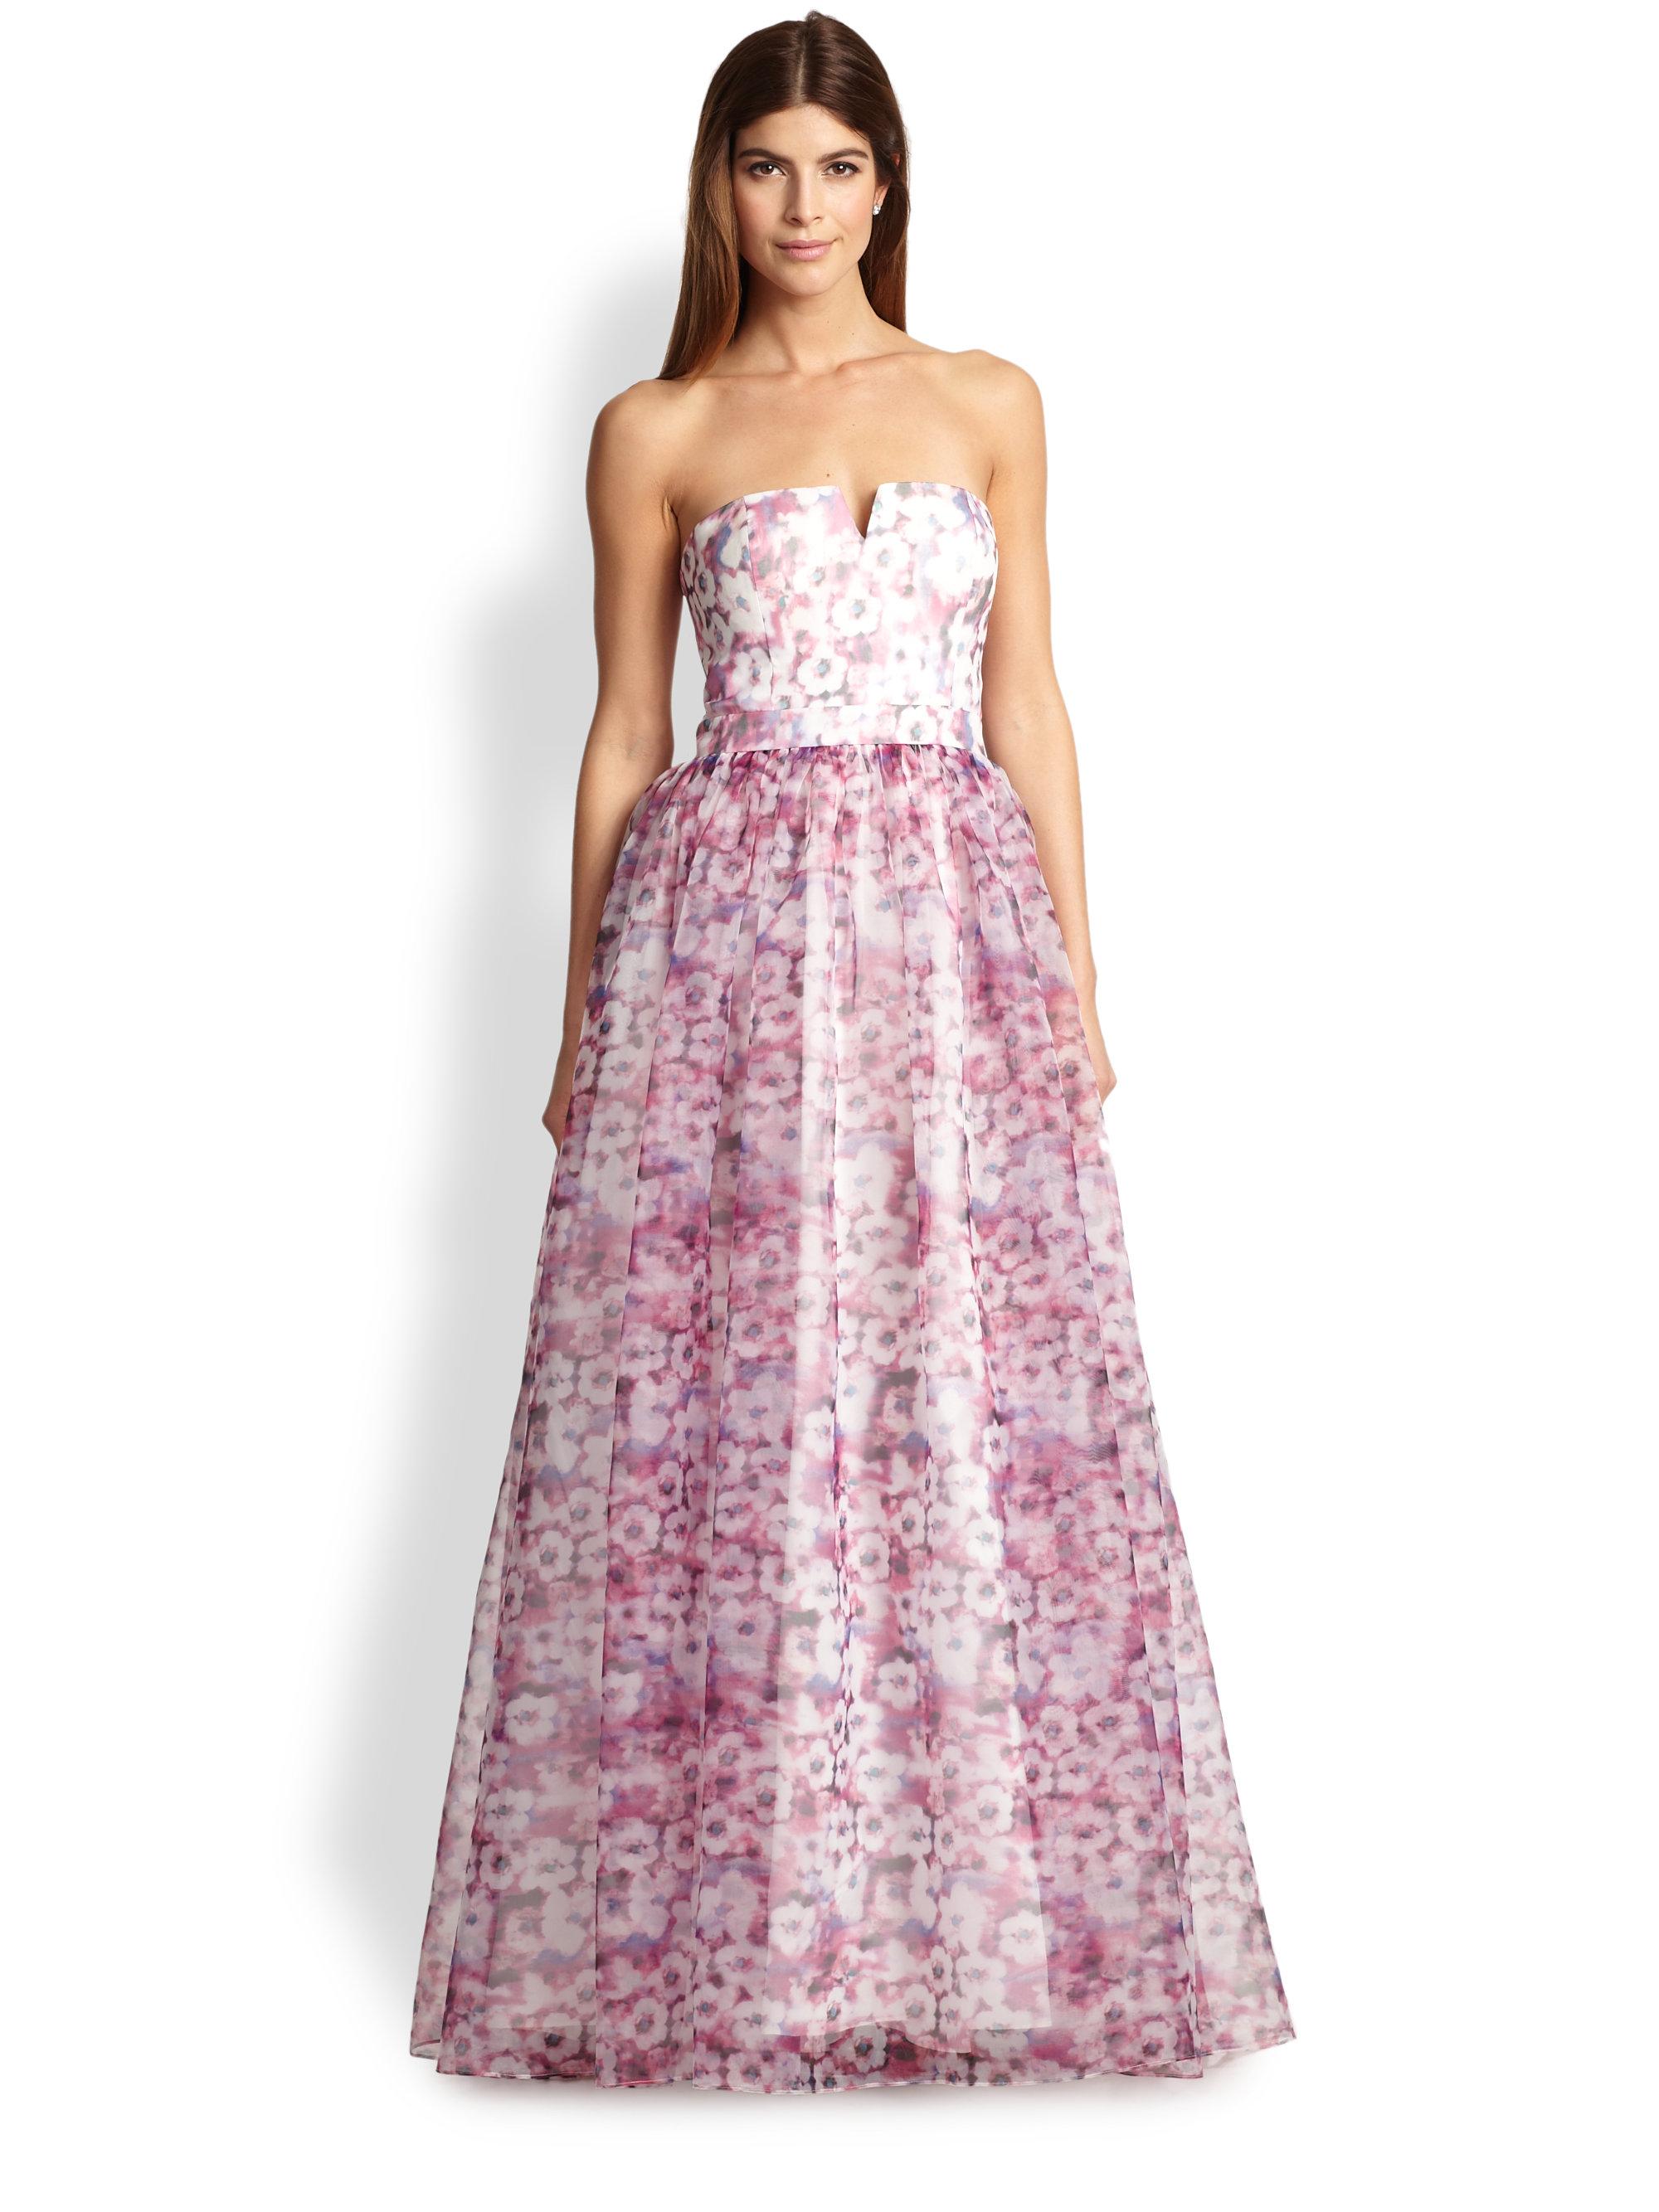 Lyst - Aidan Mattox Strapless Floral Organza Ball Gown